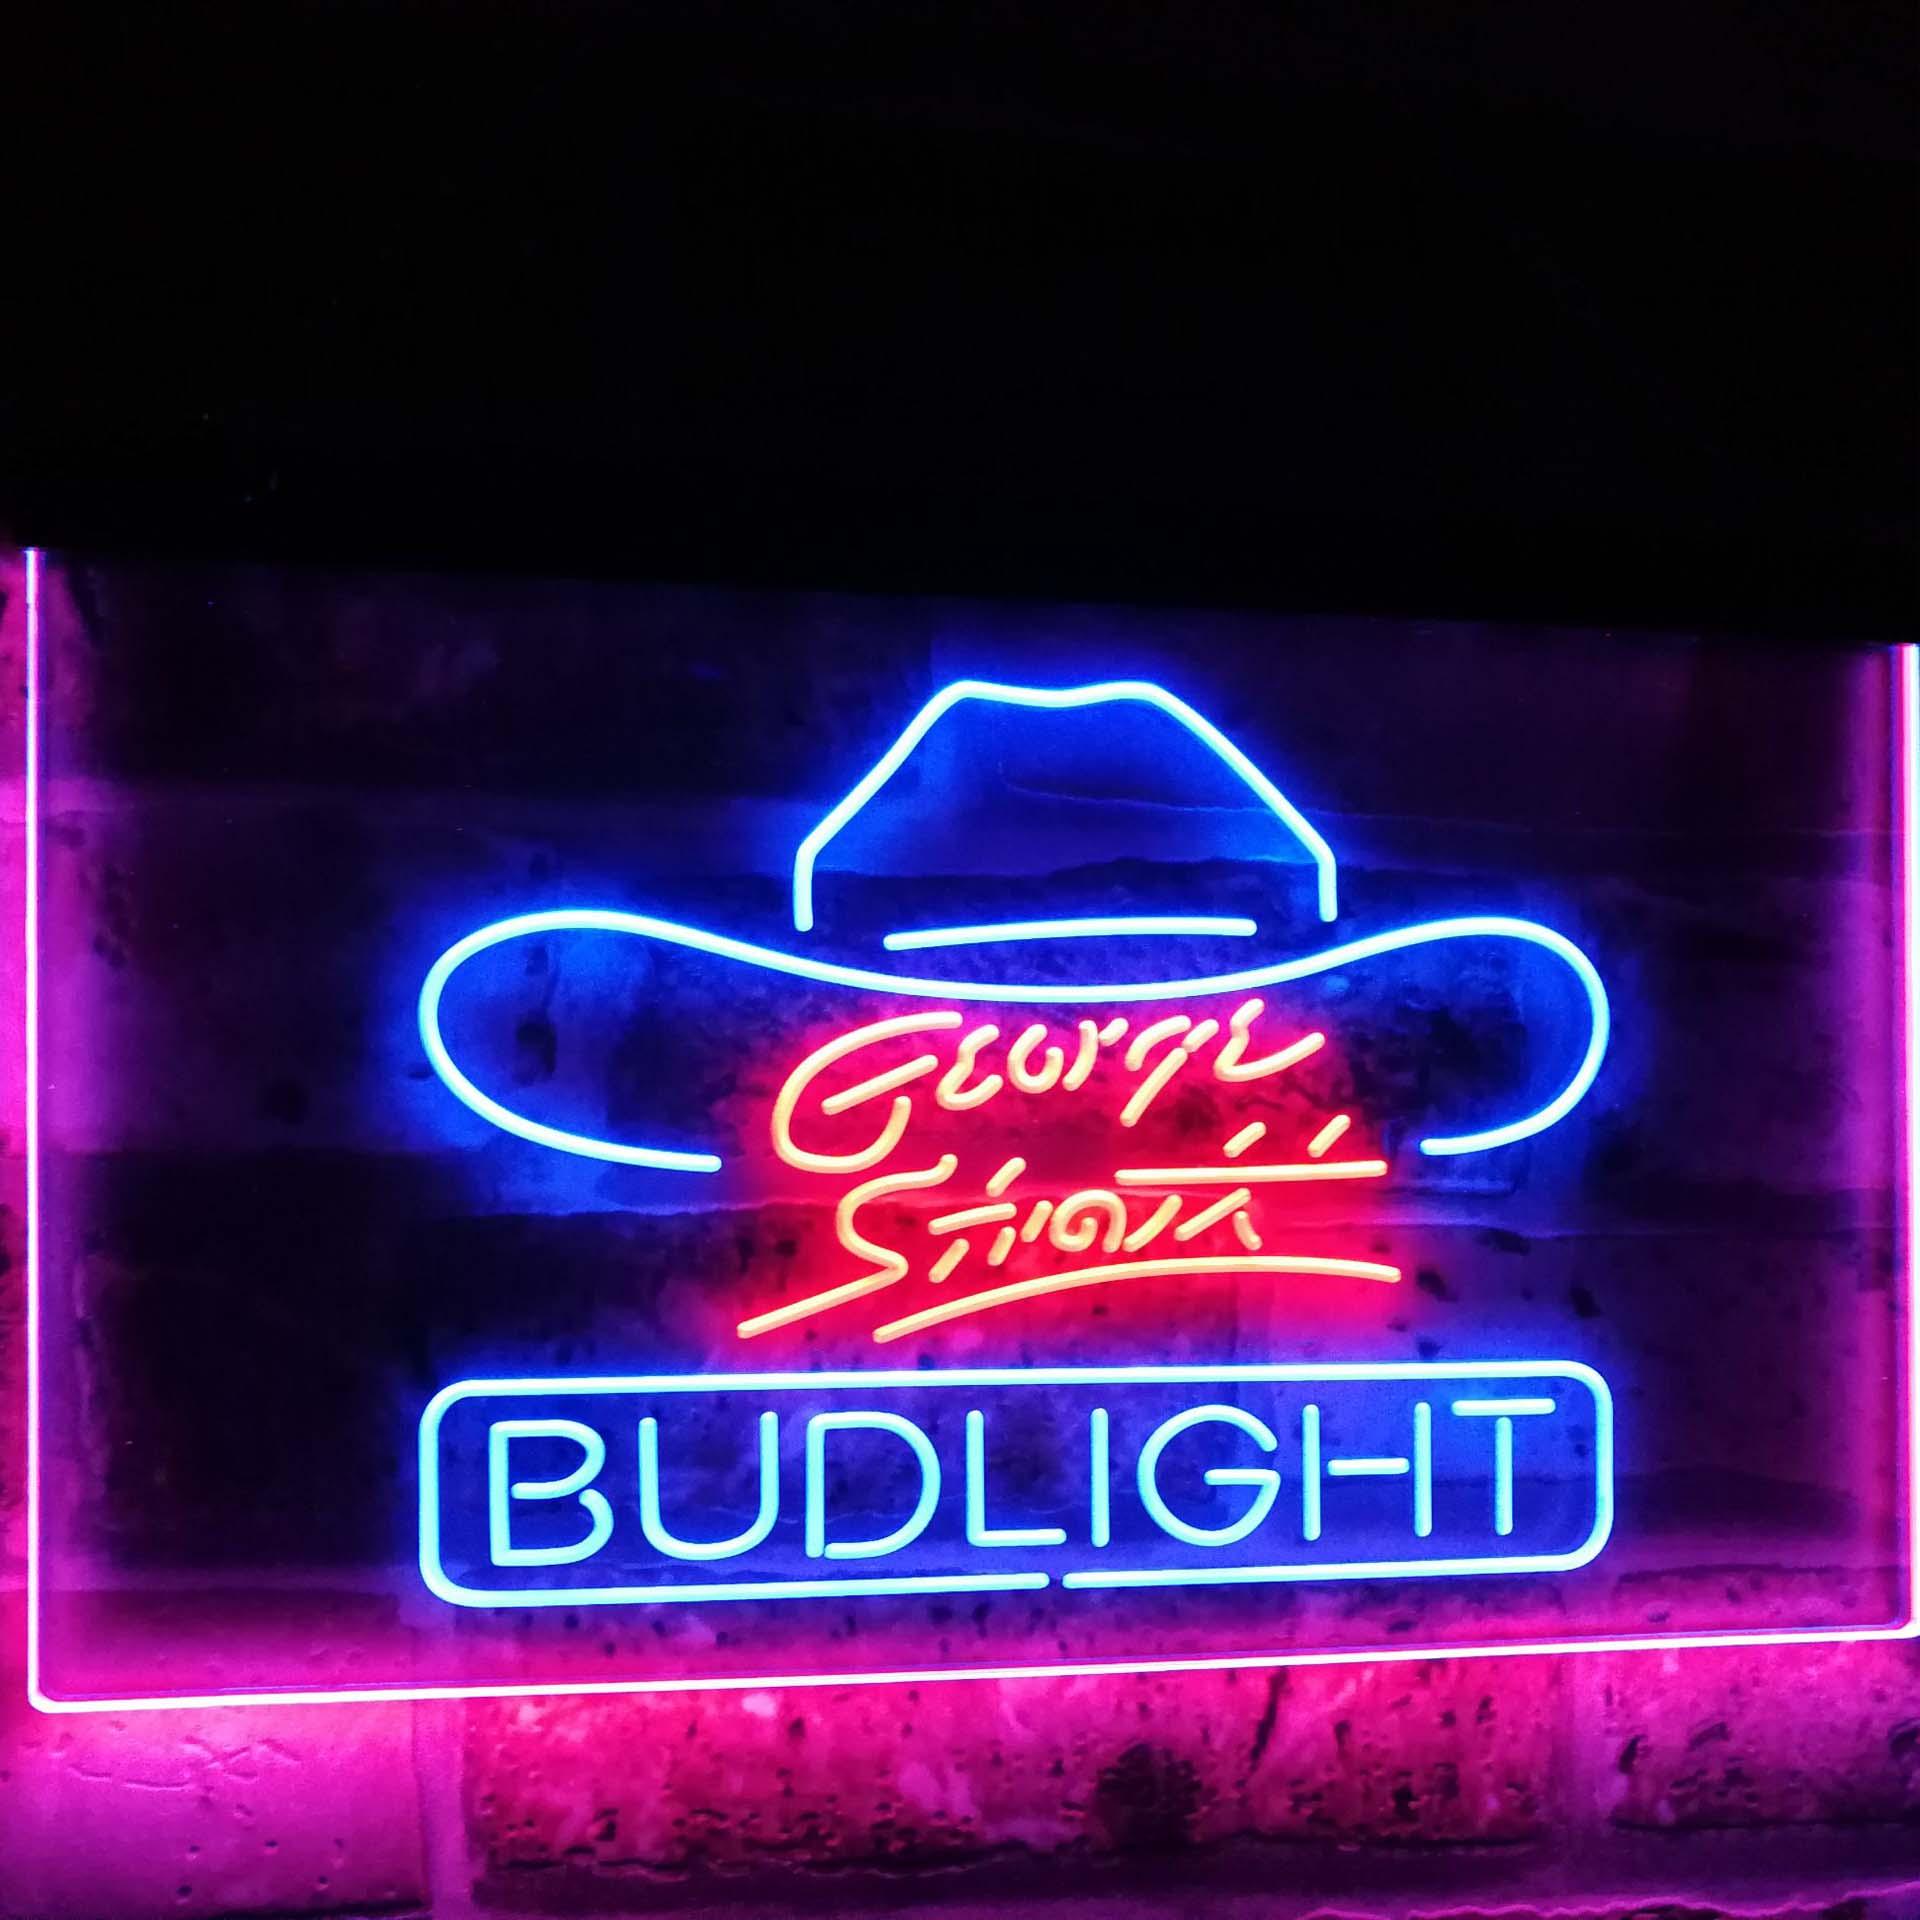 George détroit bourgeon lumière musique bière Bar décor double couleur Led néon lumière signes st6-a2116